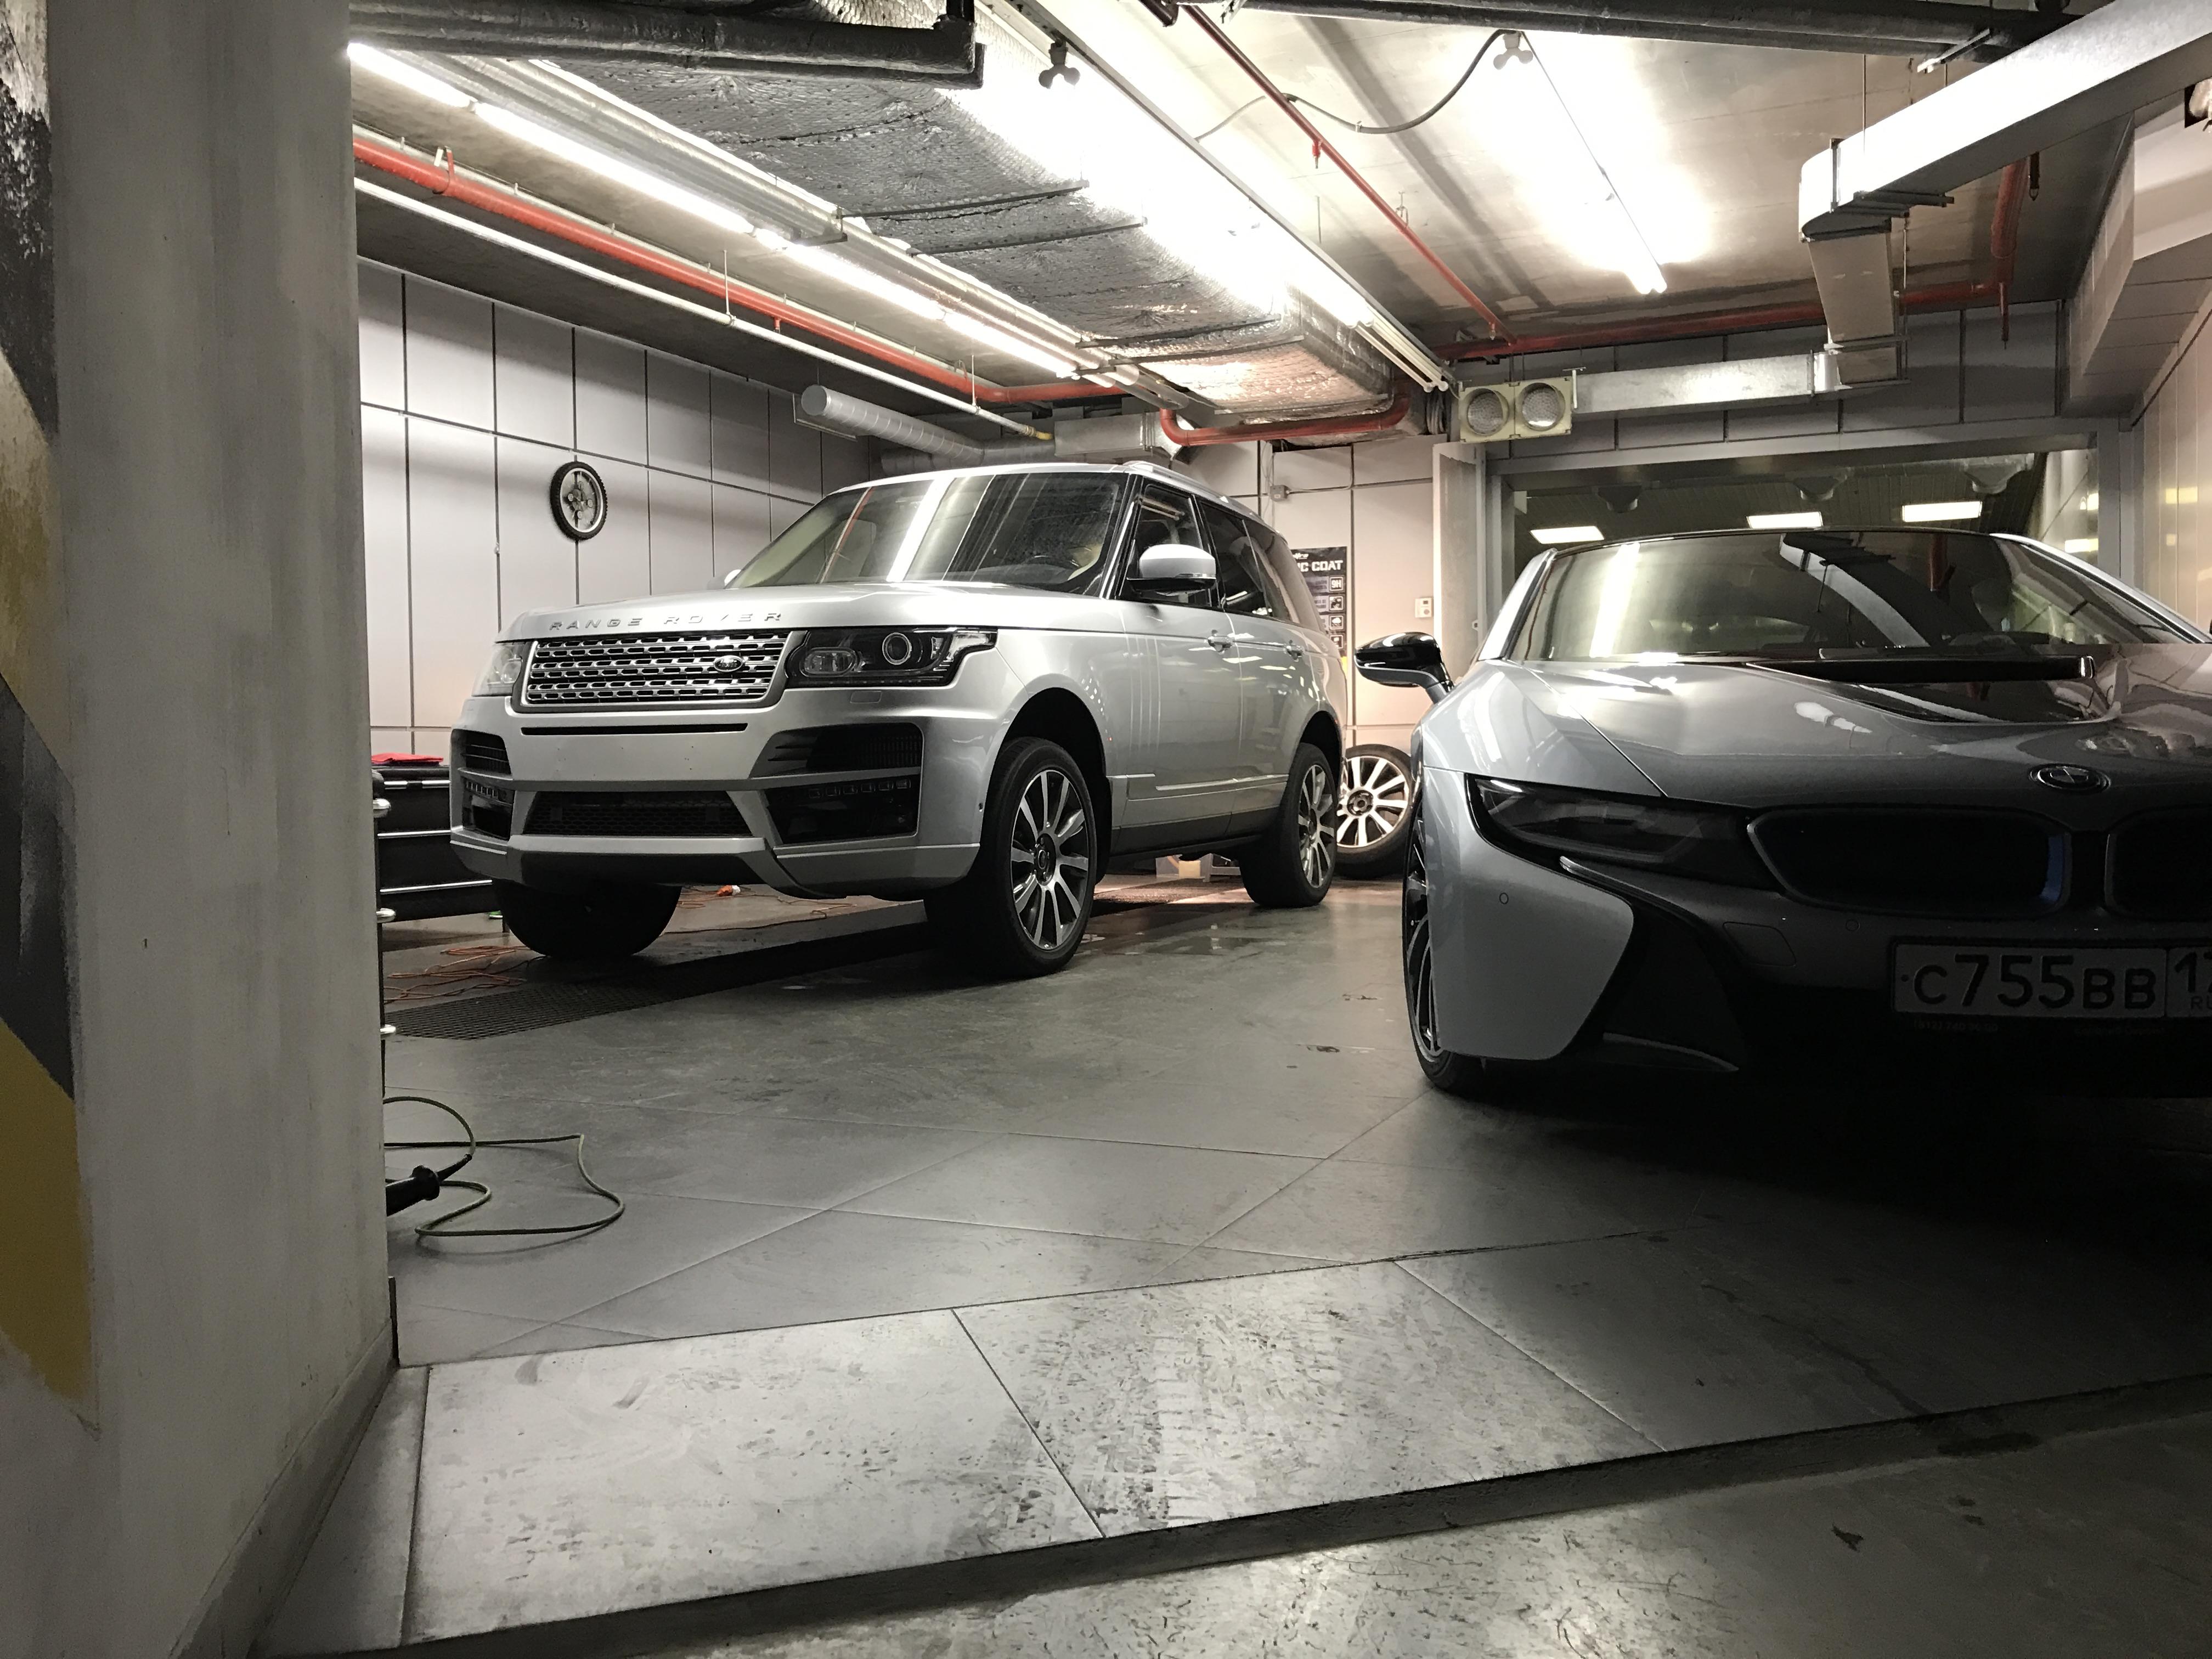 химчистка салона автомобиля Домодедово цена